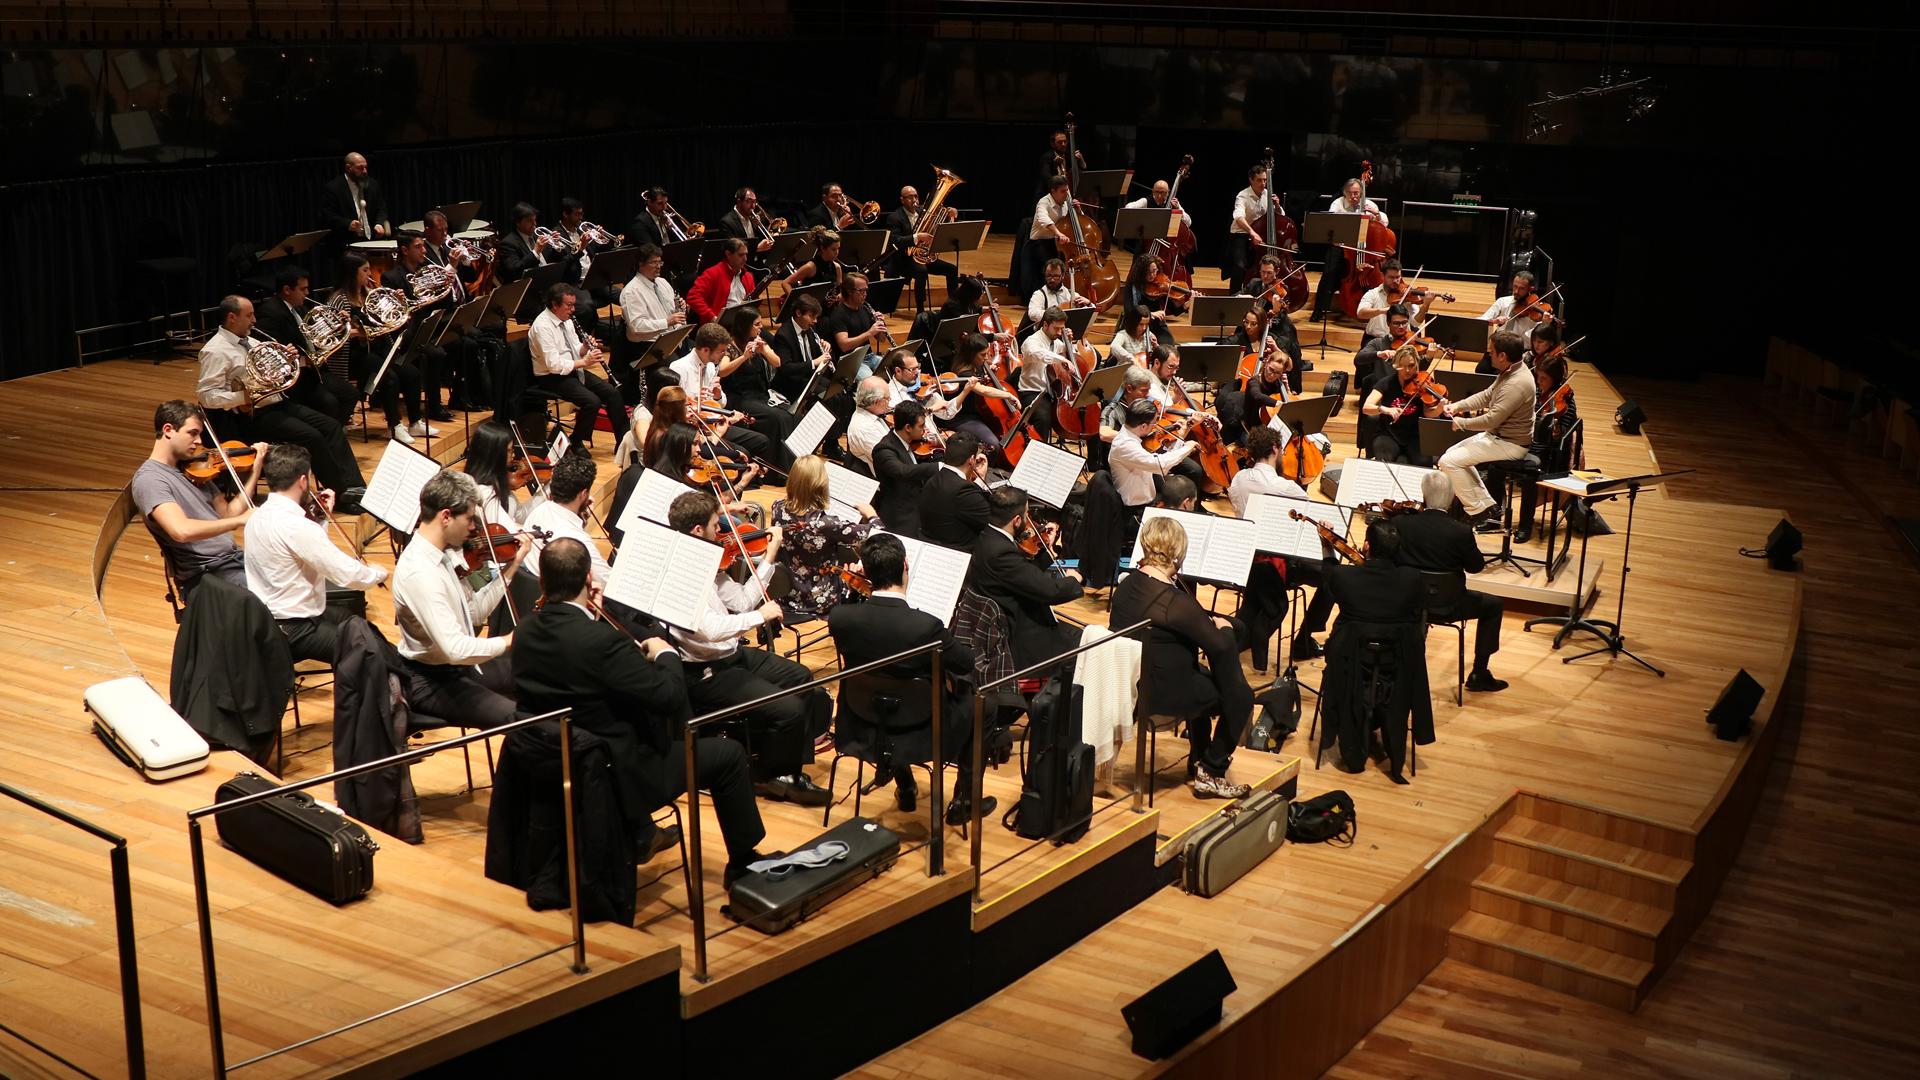 La Orquesta Sinfónica Nacional de Uruguay tocó a sala llena en el CCK bajo la dirección de su director musical y artístico Diego Naser